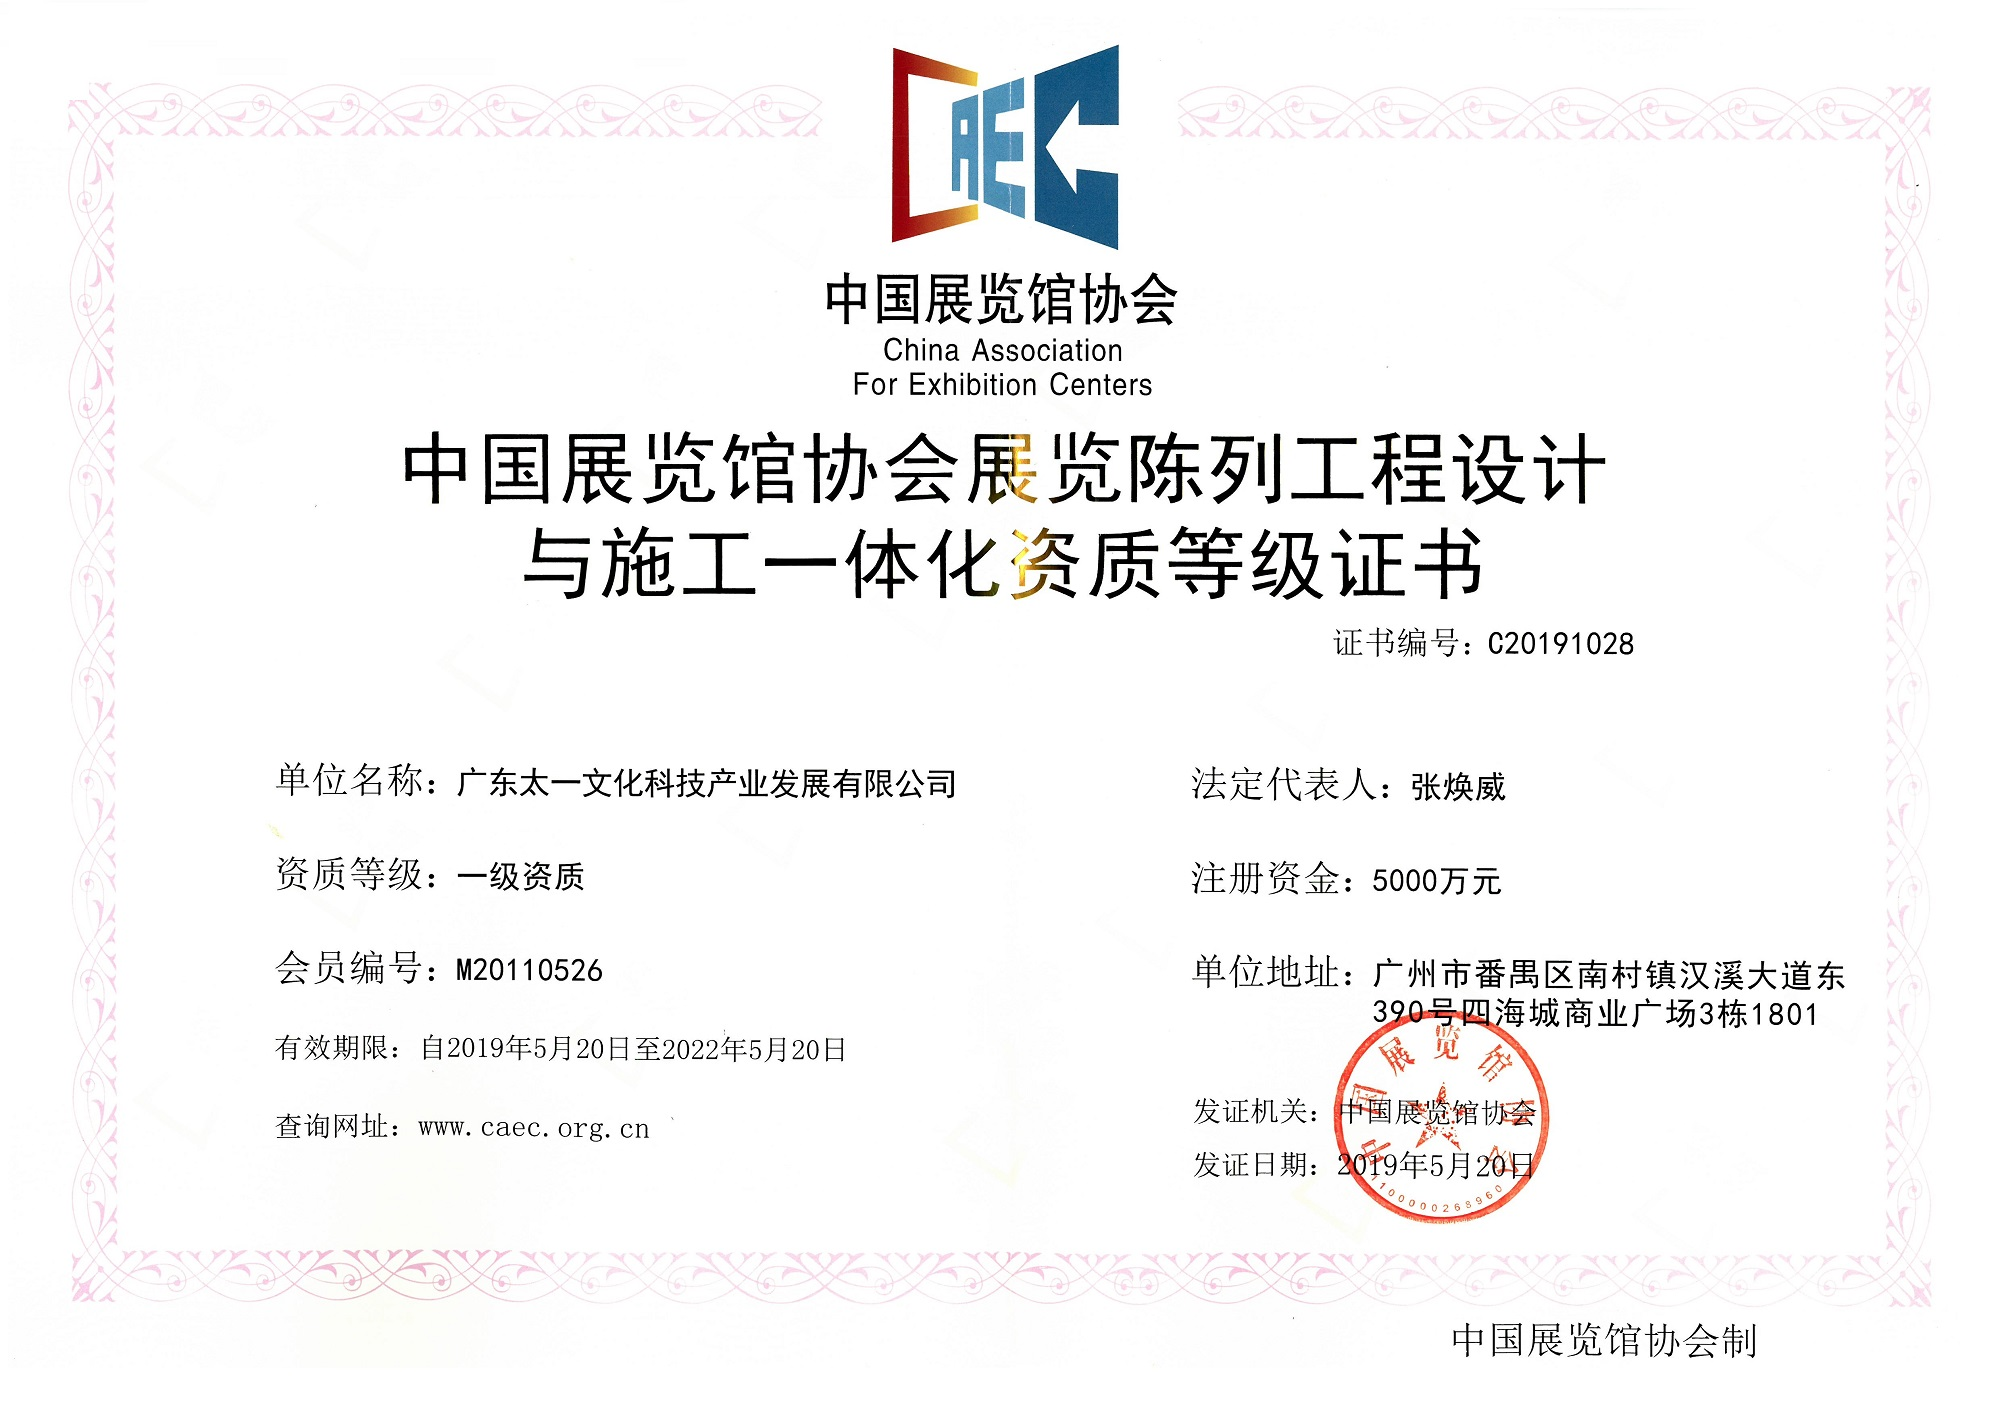 中国展览馆展览陈列工程设计与施工一体化一级资质